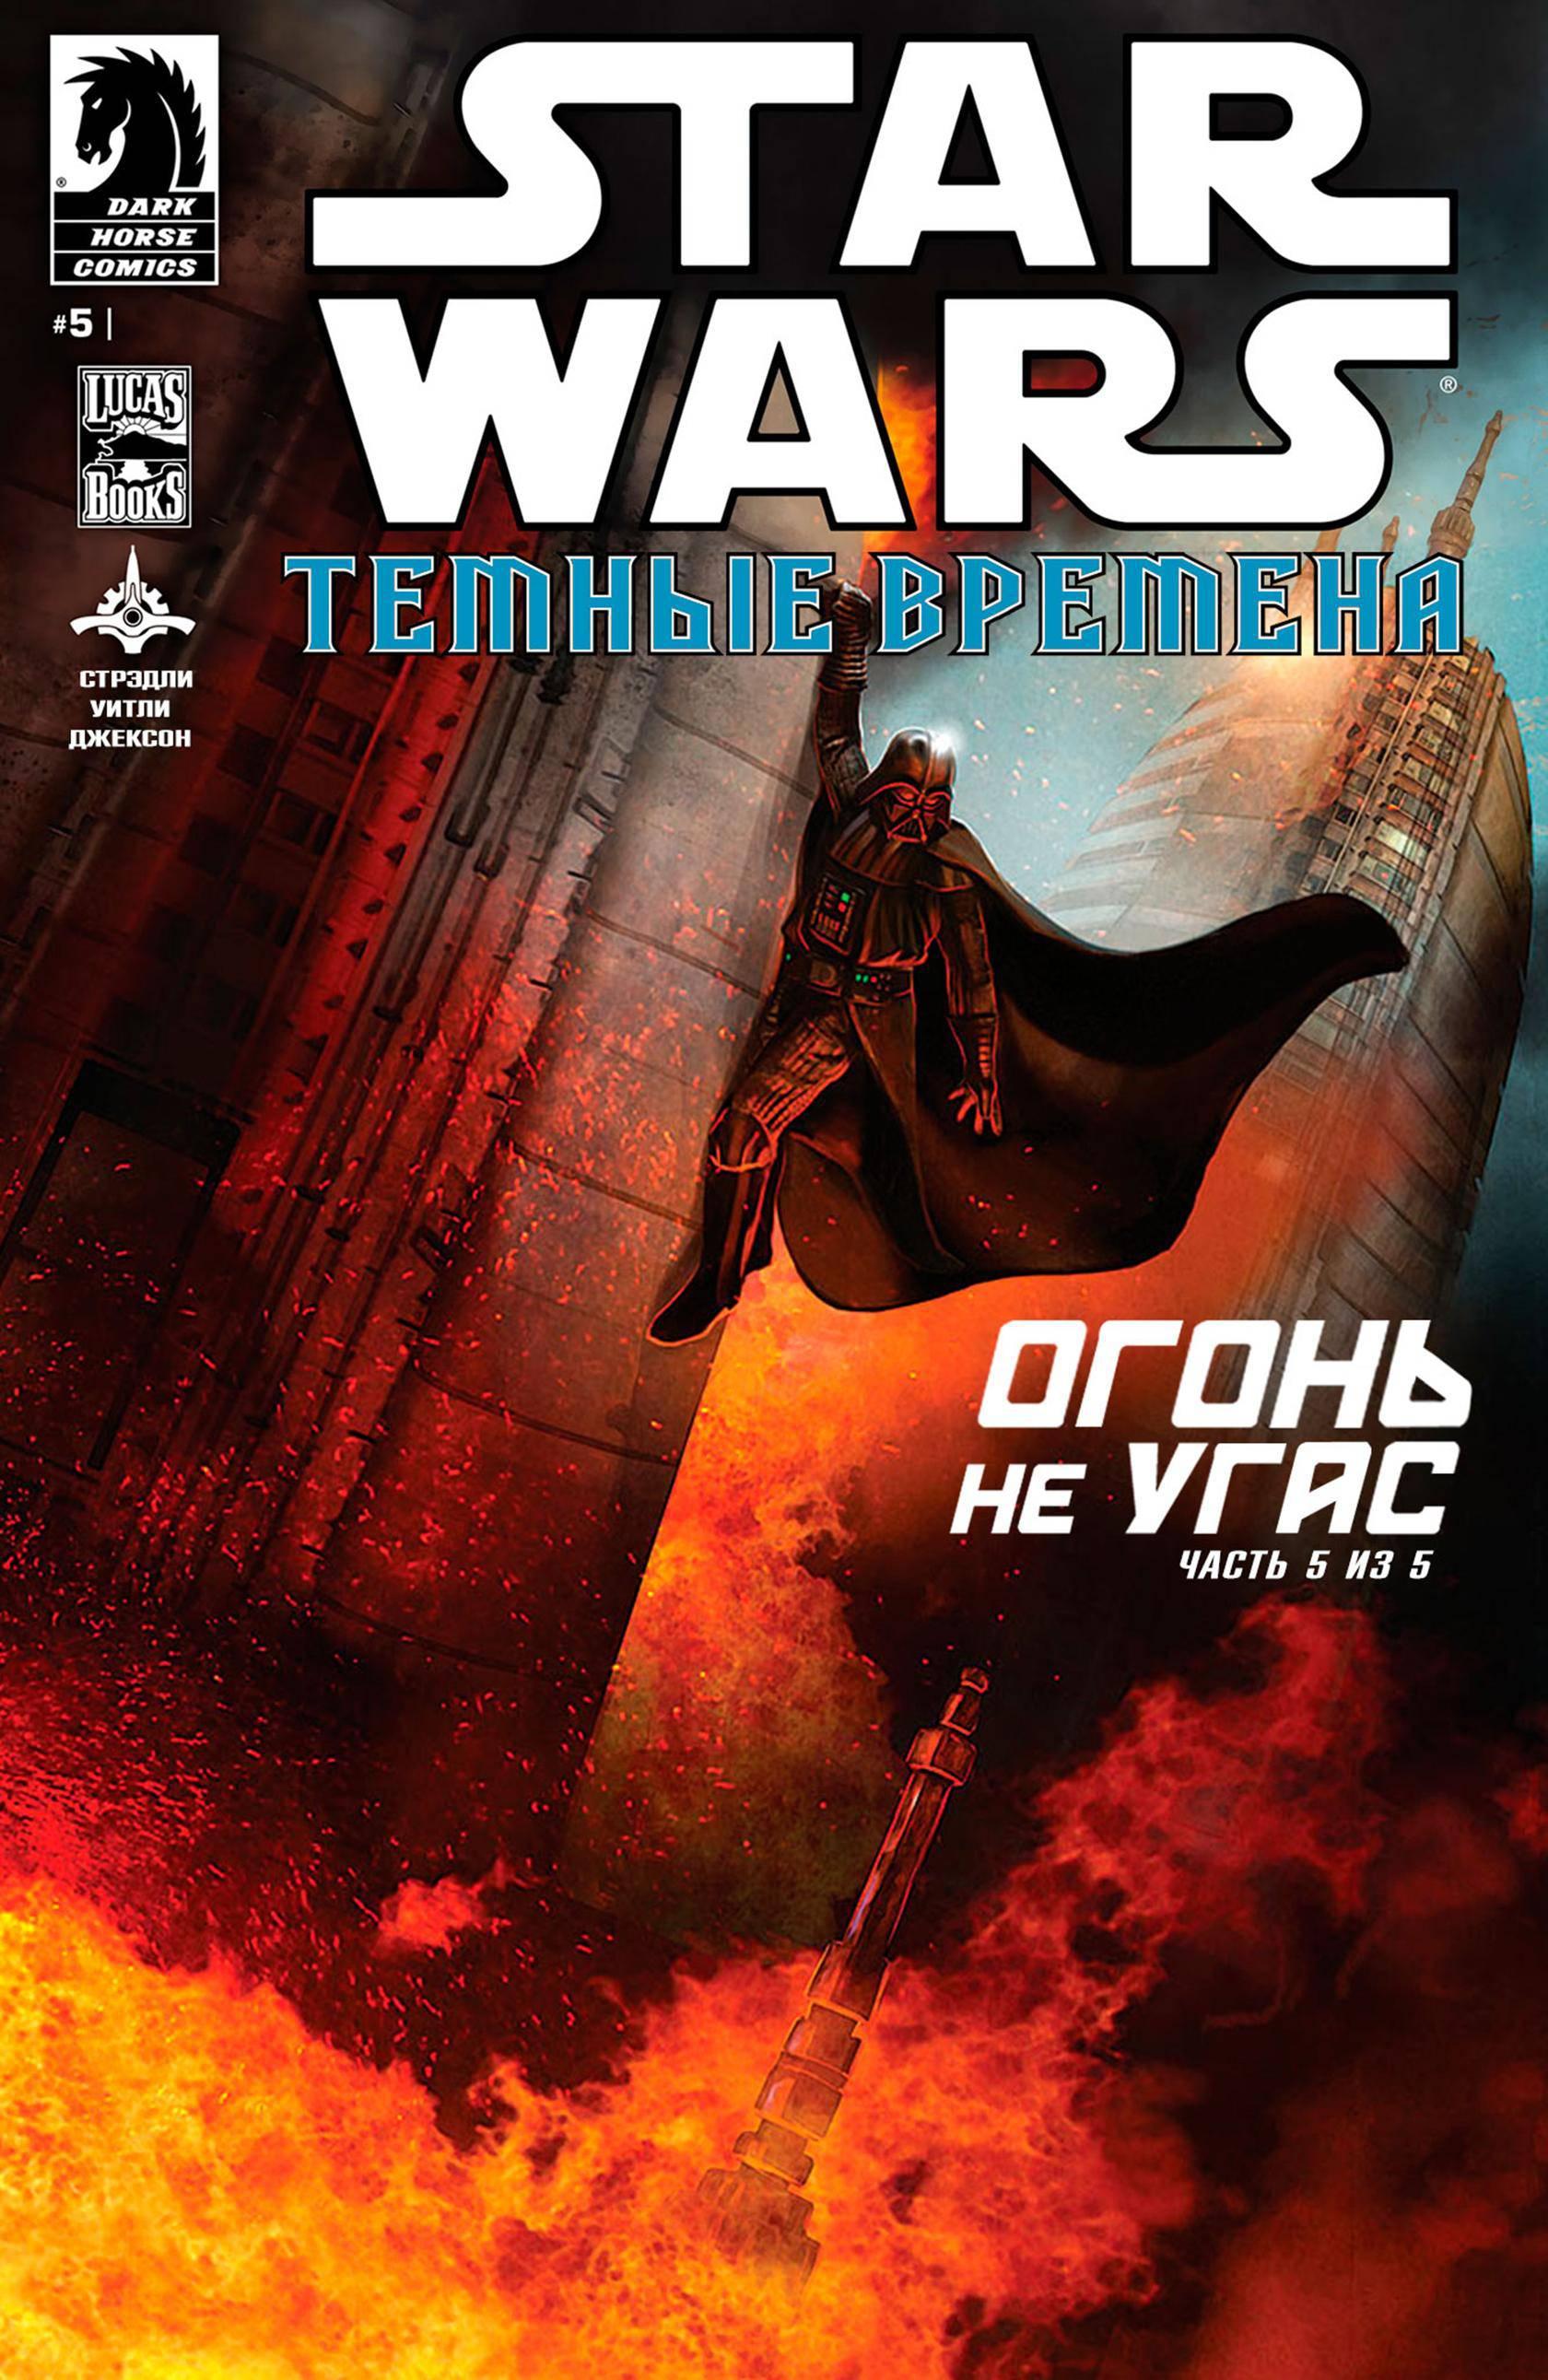 Звёздные войны: Темные Времена - Огонь Не Угас №5 онлайн